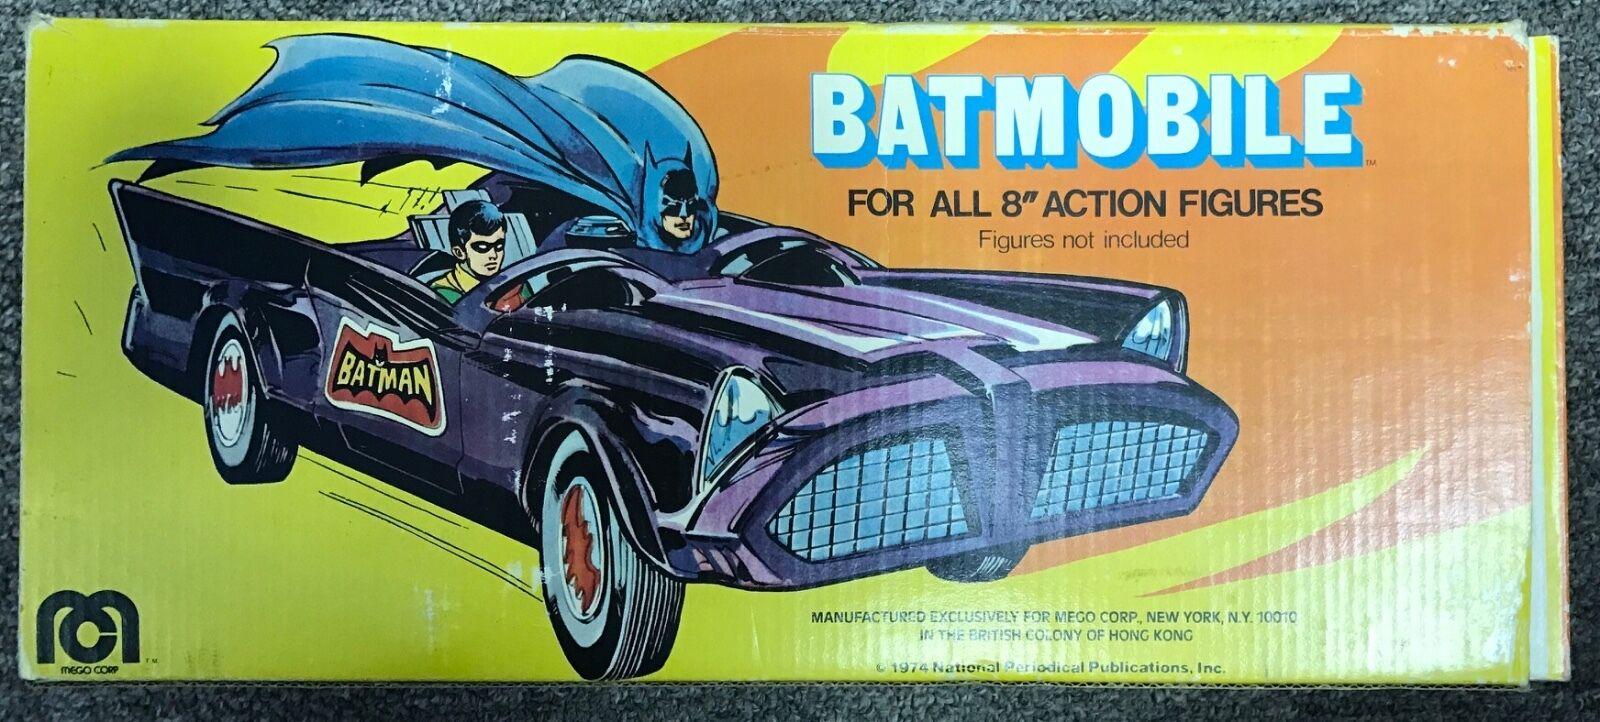 VINTAGE 1970'S MEGO BOXED BATMAN BATMOBILE  COMPLETE